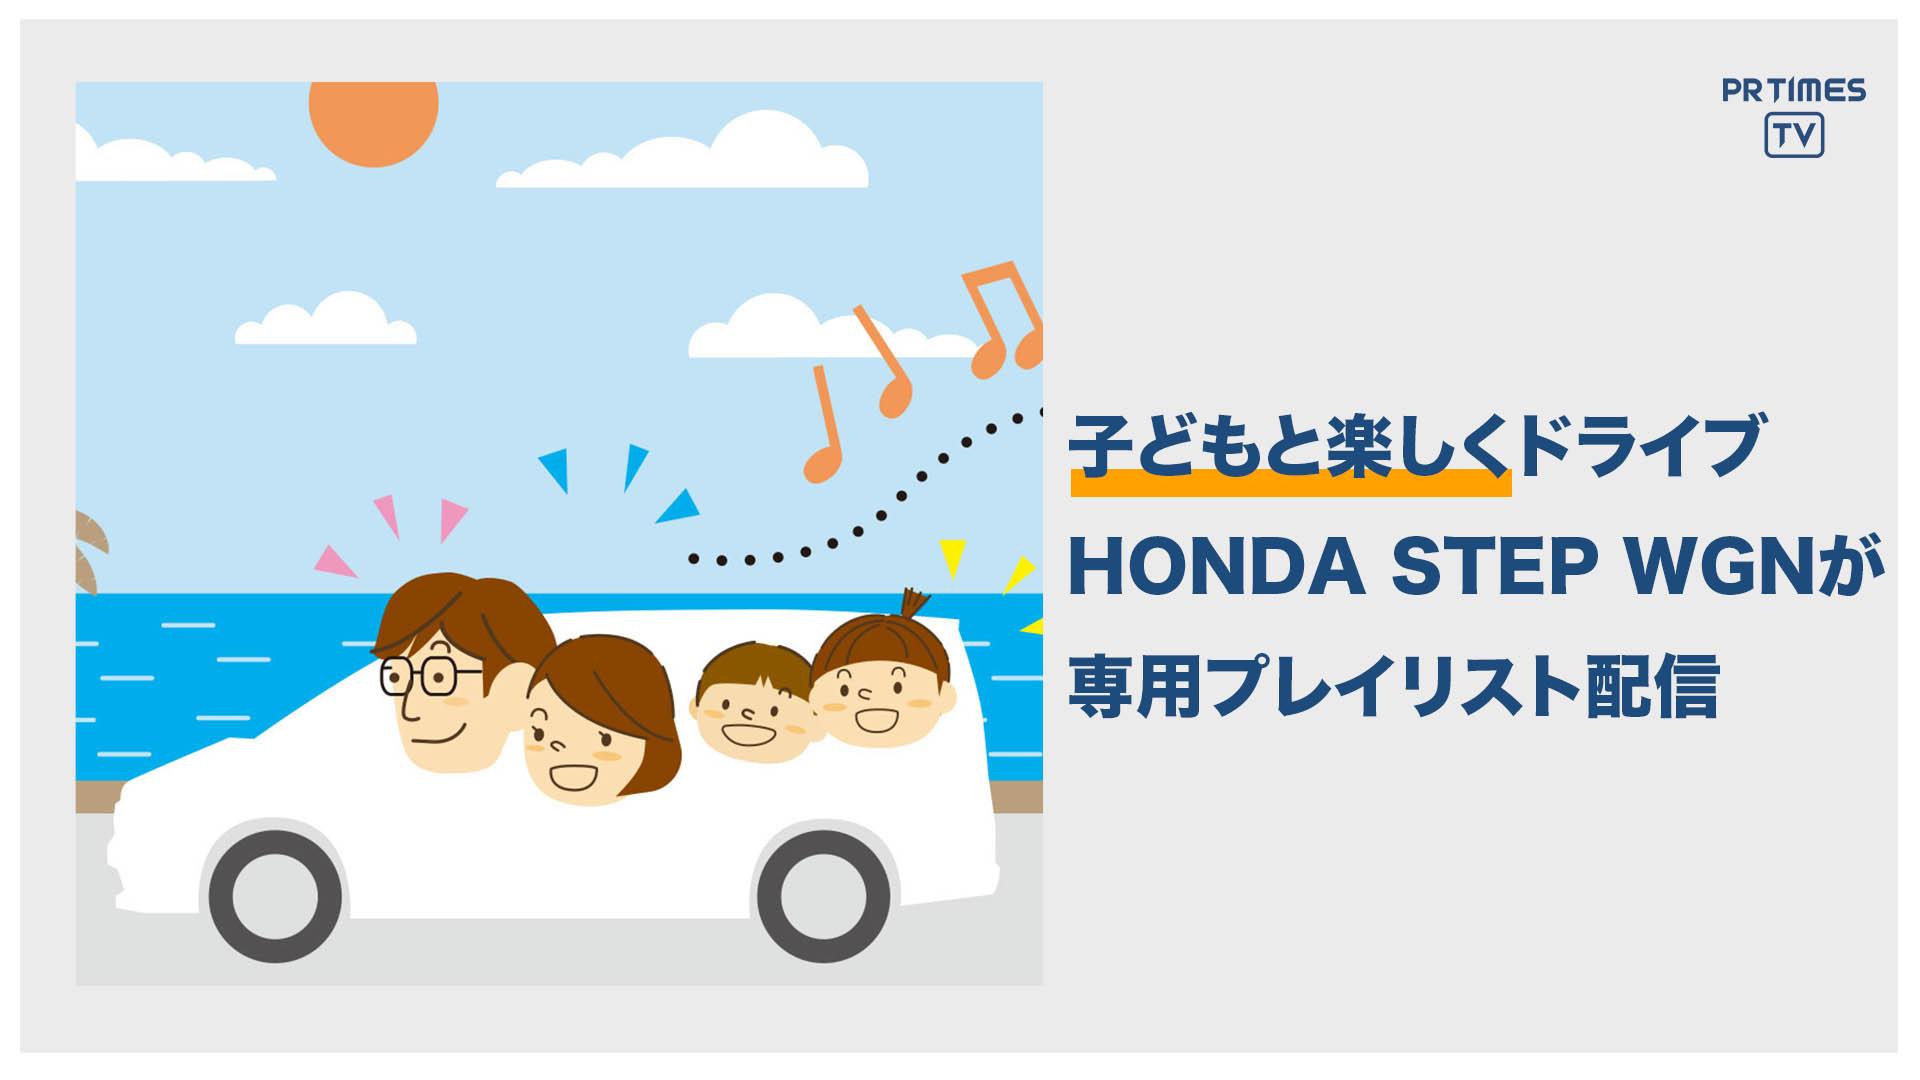 Honda STEP WGN、家族でのドライブがもっと楽しくなる3つのプレイリストを配信開始